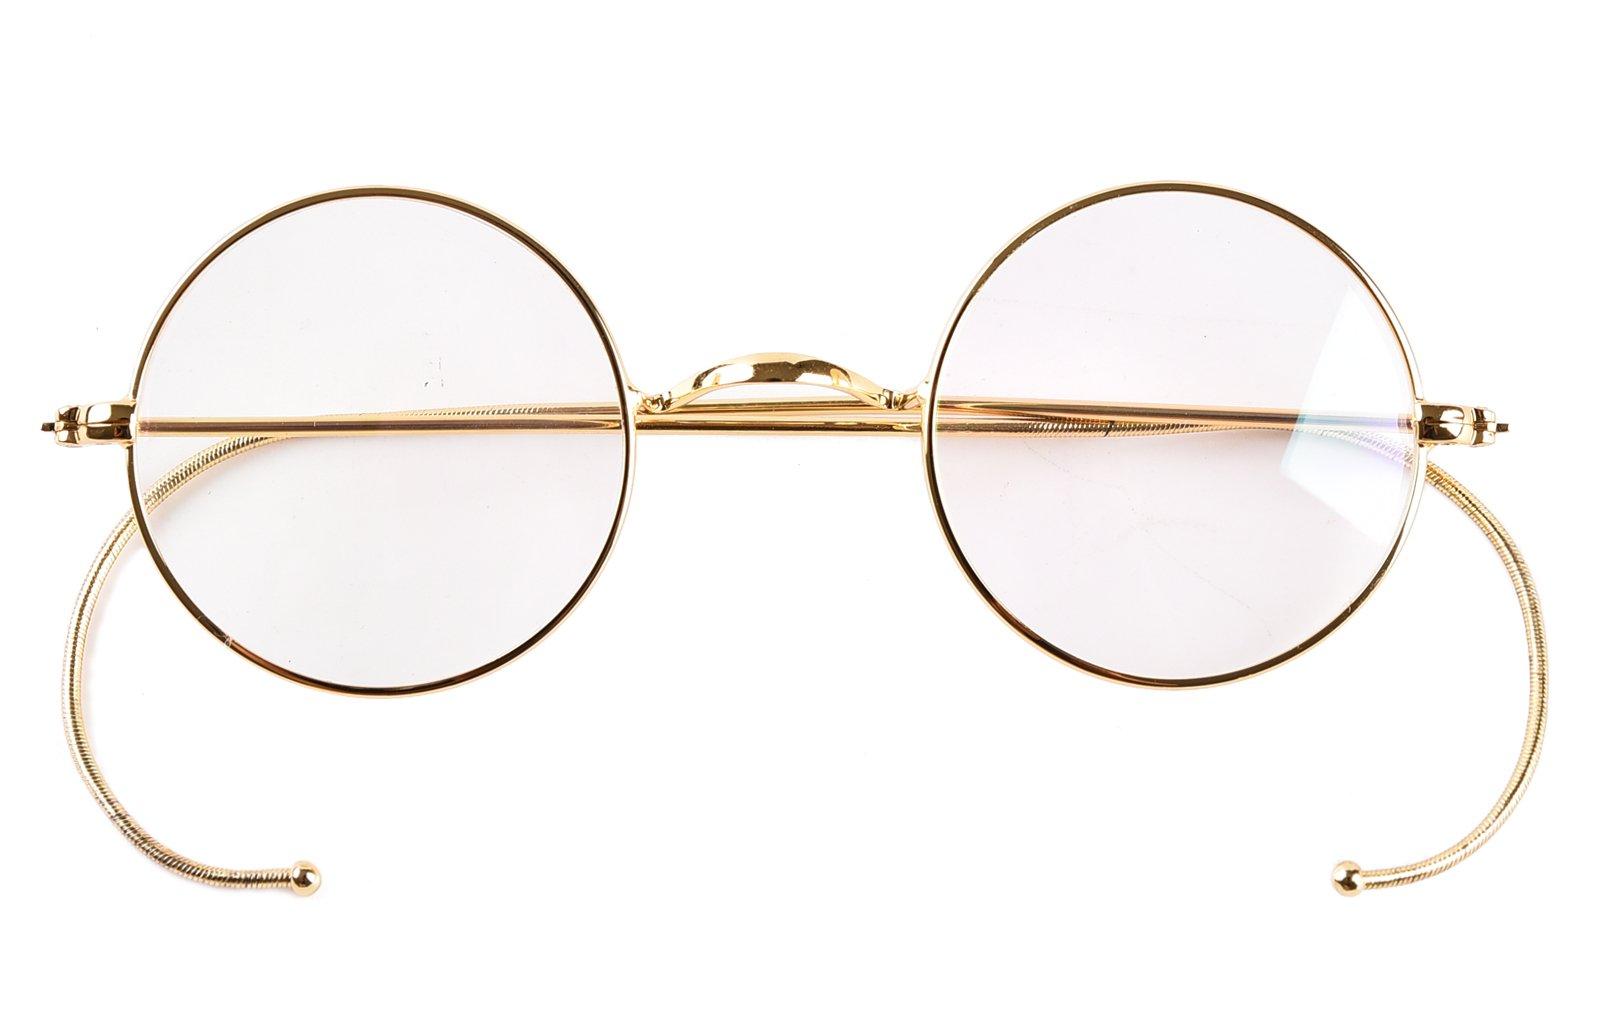 Agstum Retro Small Round Optical Rare Wire Rim Eyeglasses Frame (Gold, 39mm)